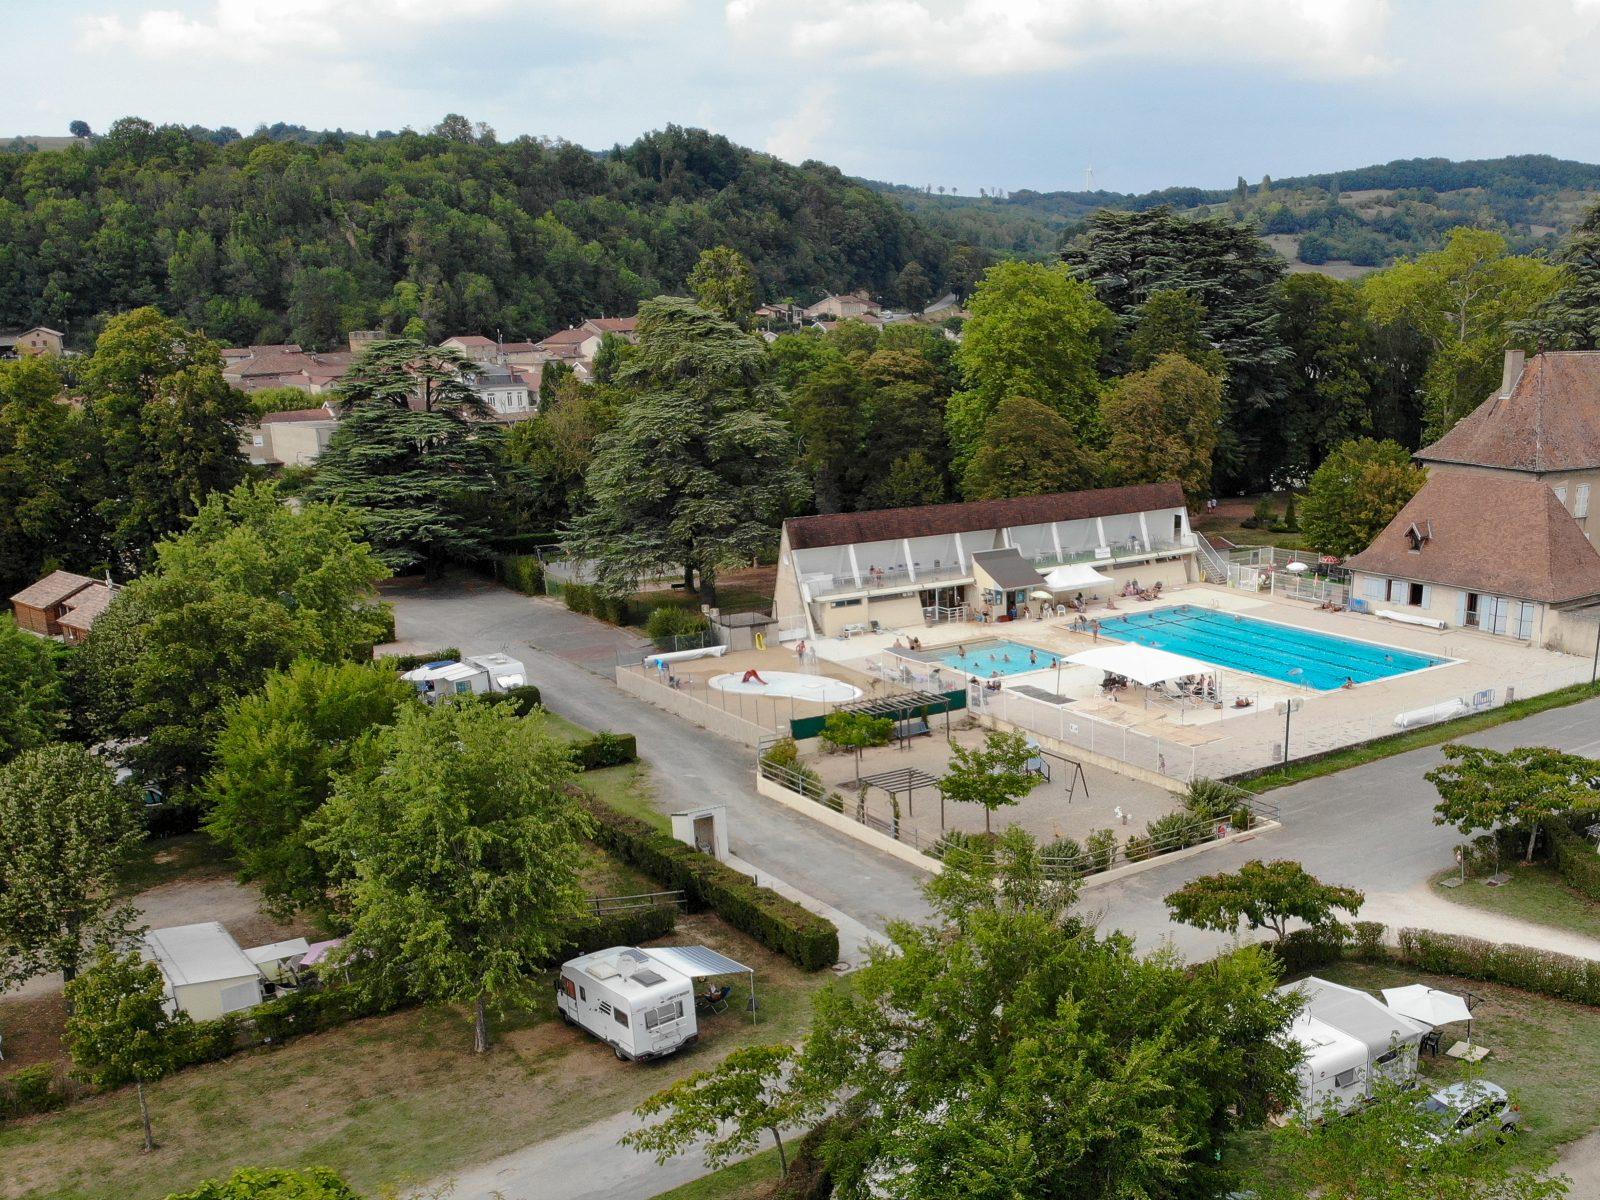 Camping Le Château - Vos Vacances Dans La Drôme Des Collines dedans Camping Isère Avec Piscine